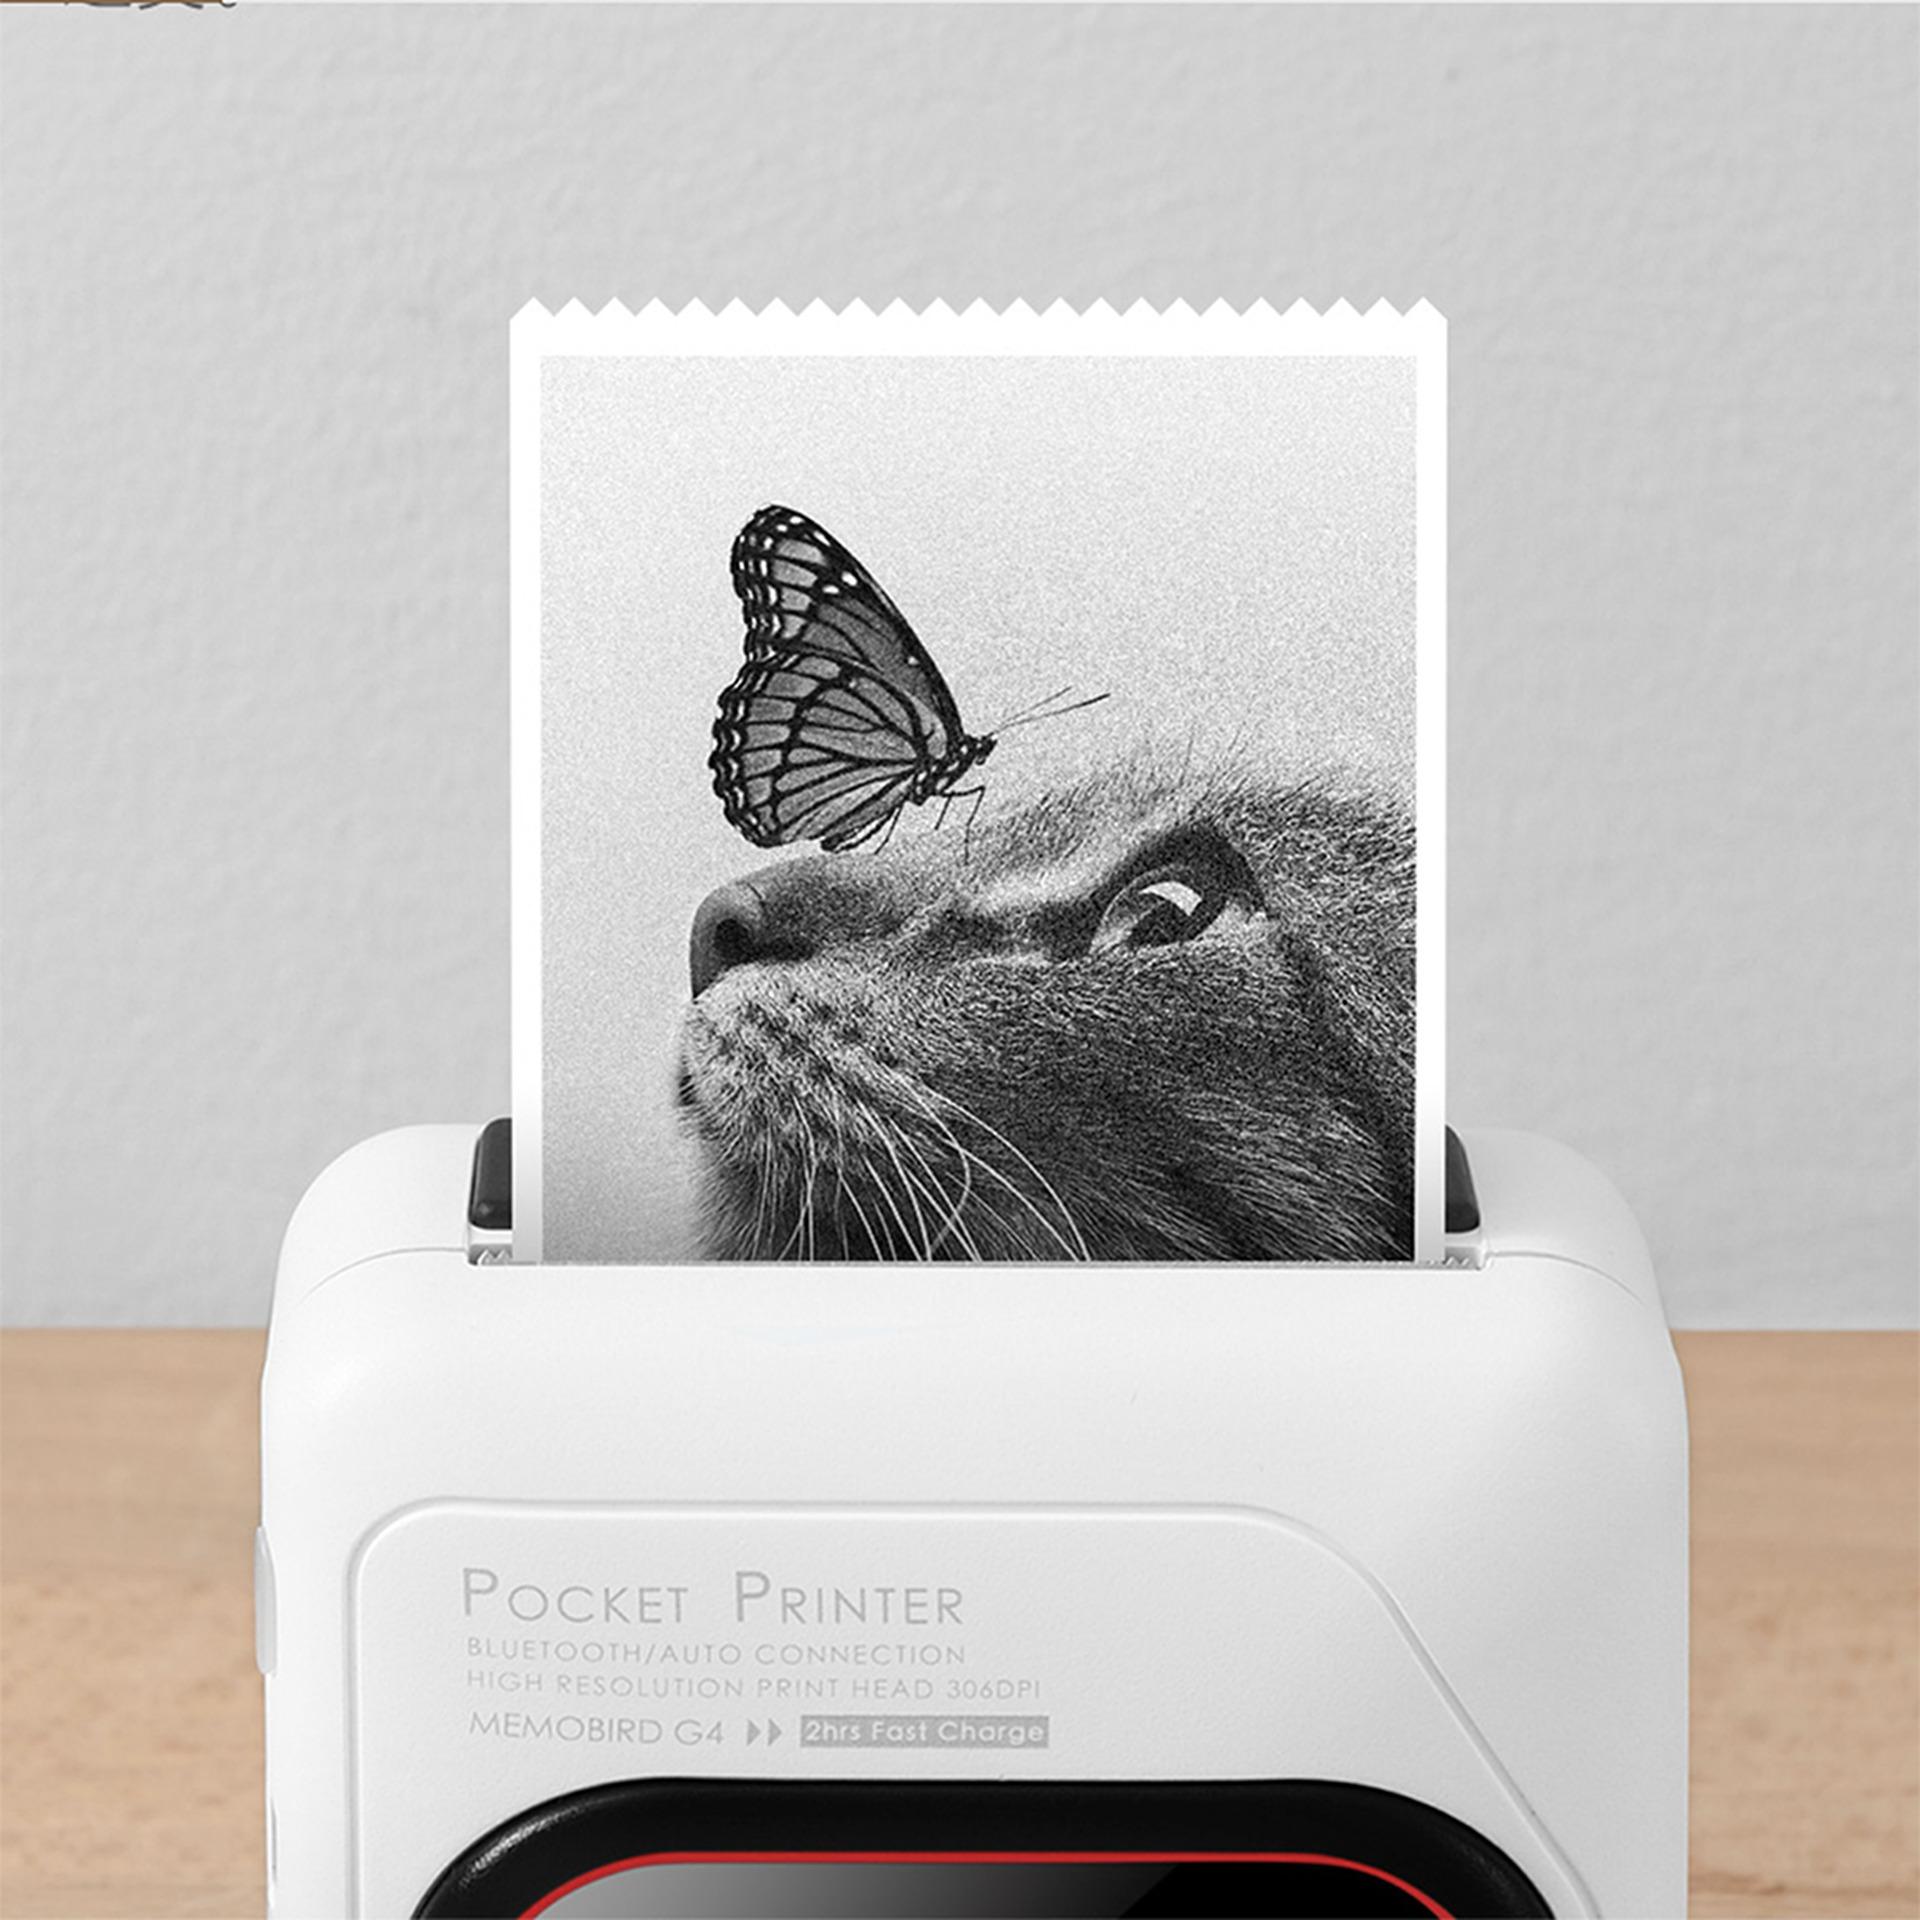 Imagem mostra uma impressora portátil imprimindo uma foto.